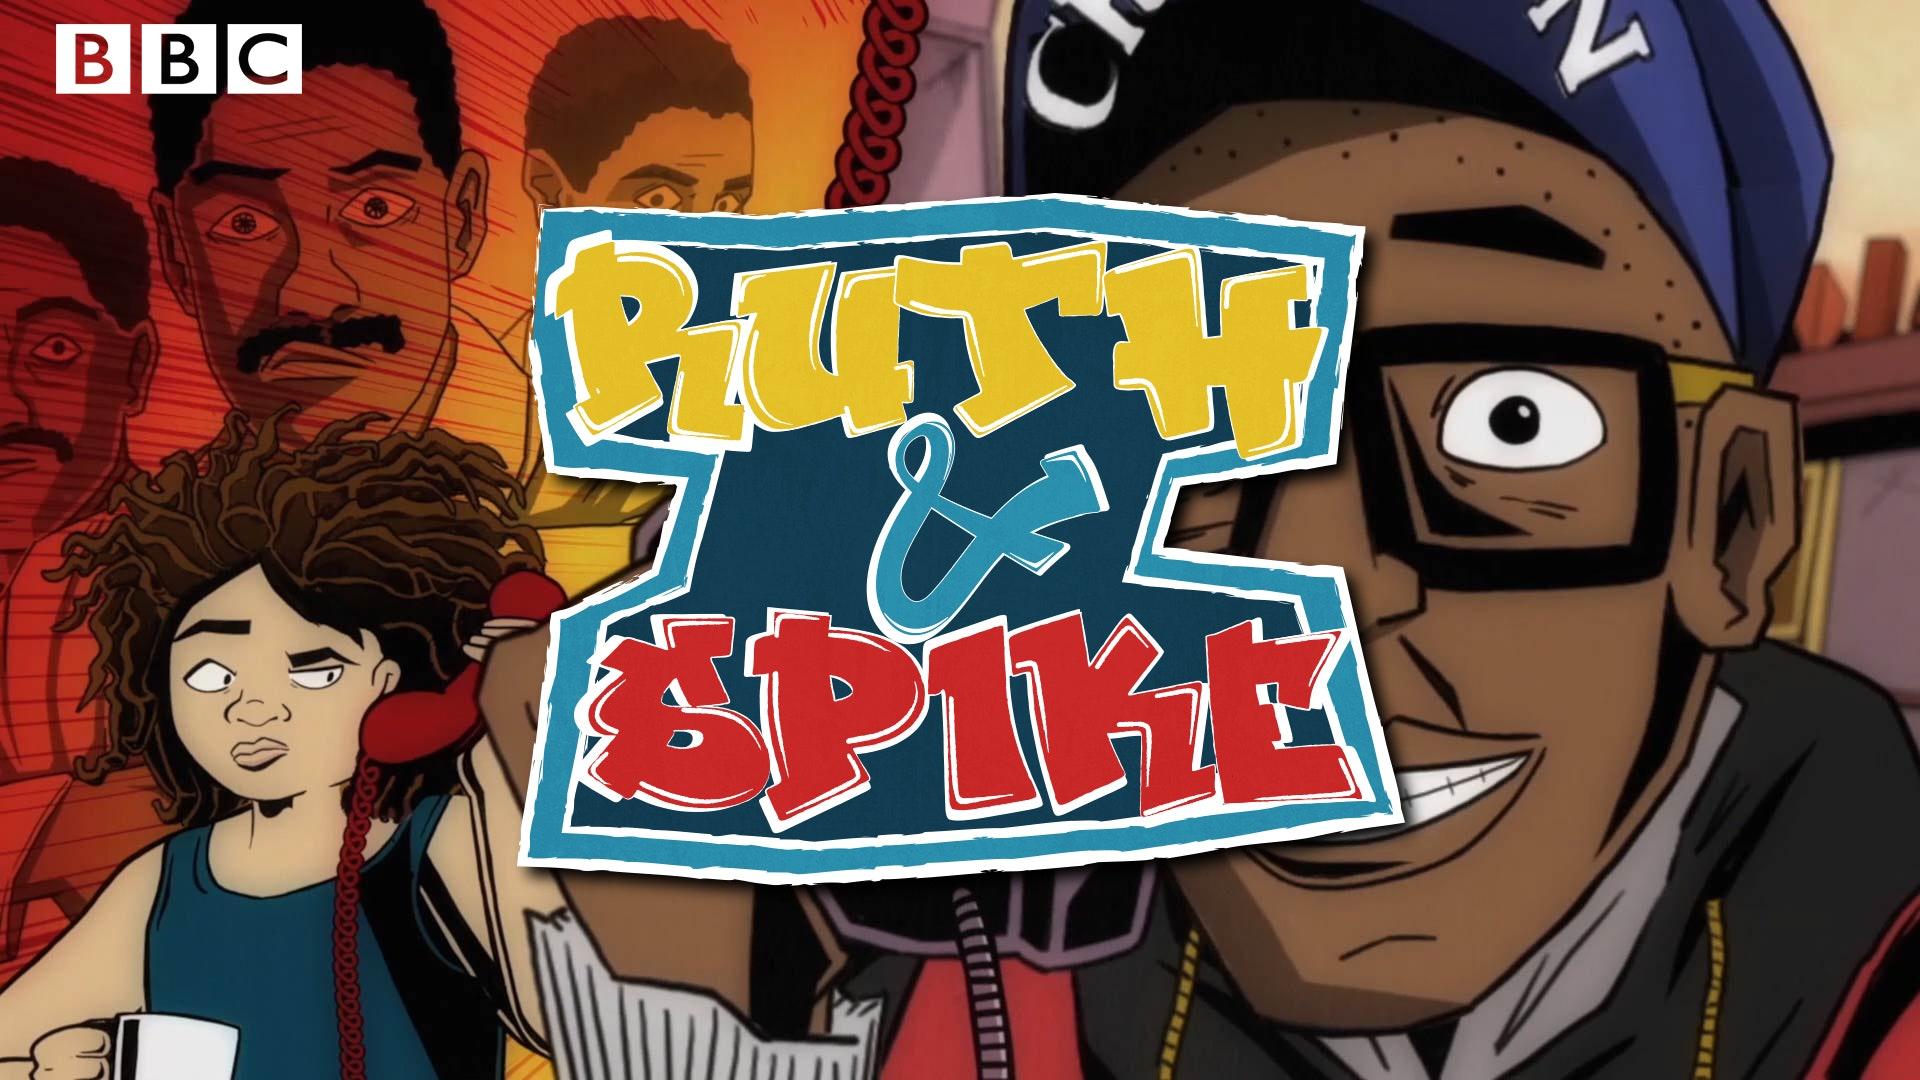 RUTH & SPIKE